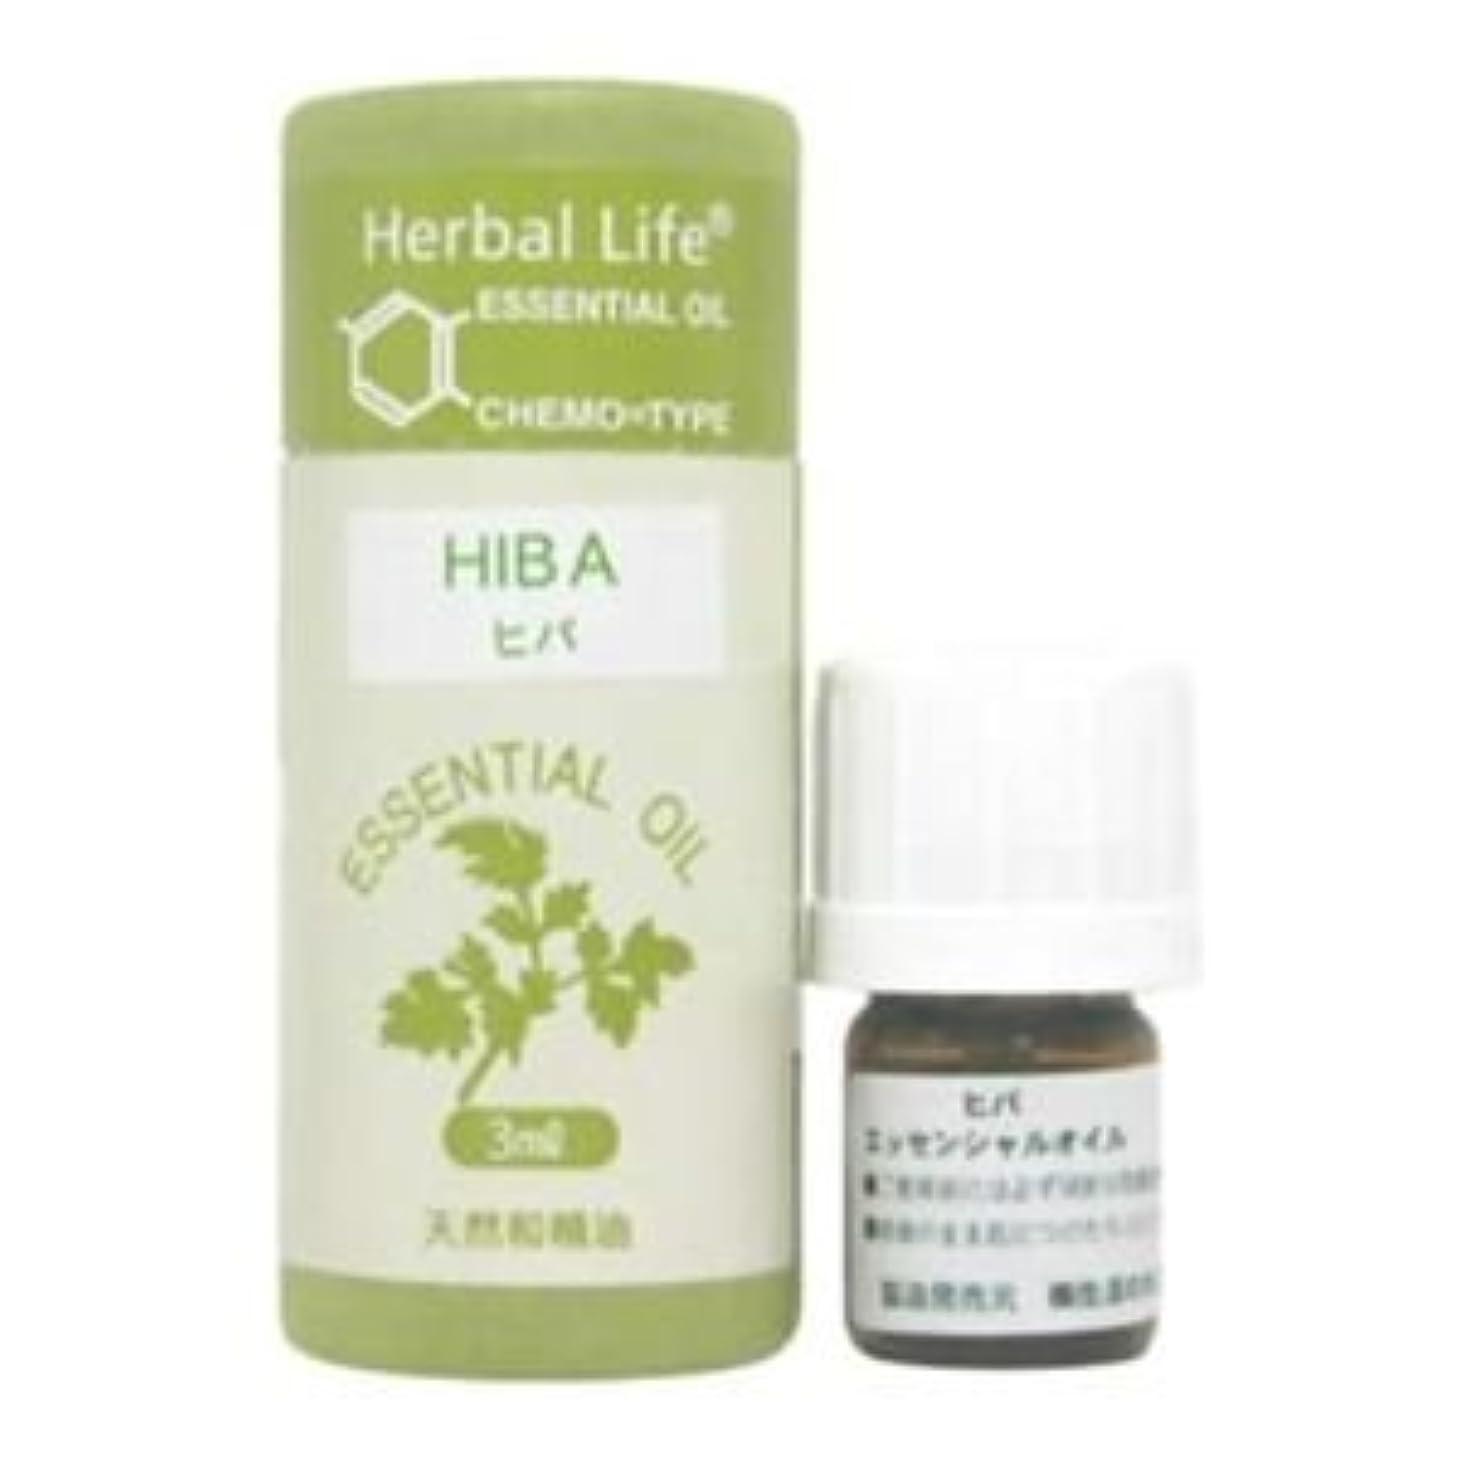 散髪実り多いジャーナル生活の木 Herbal Life ヒバ 3ml 3セット